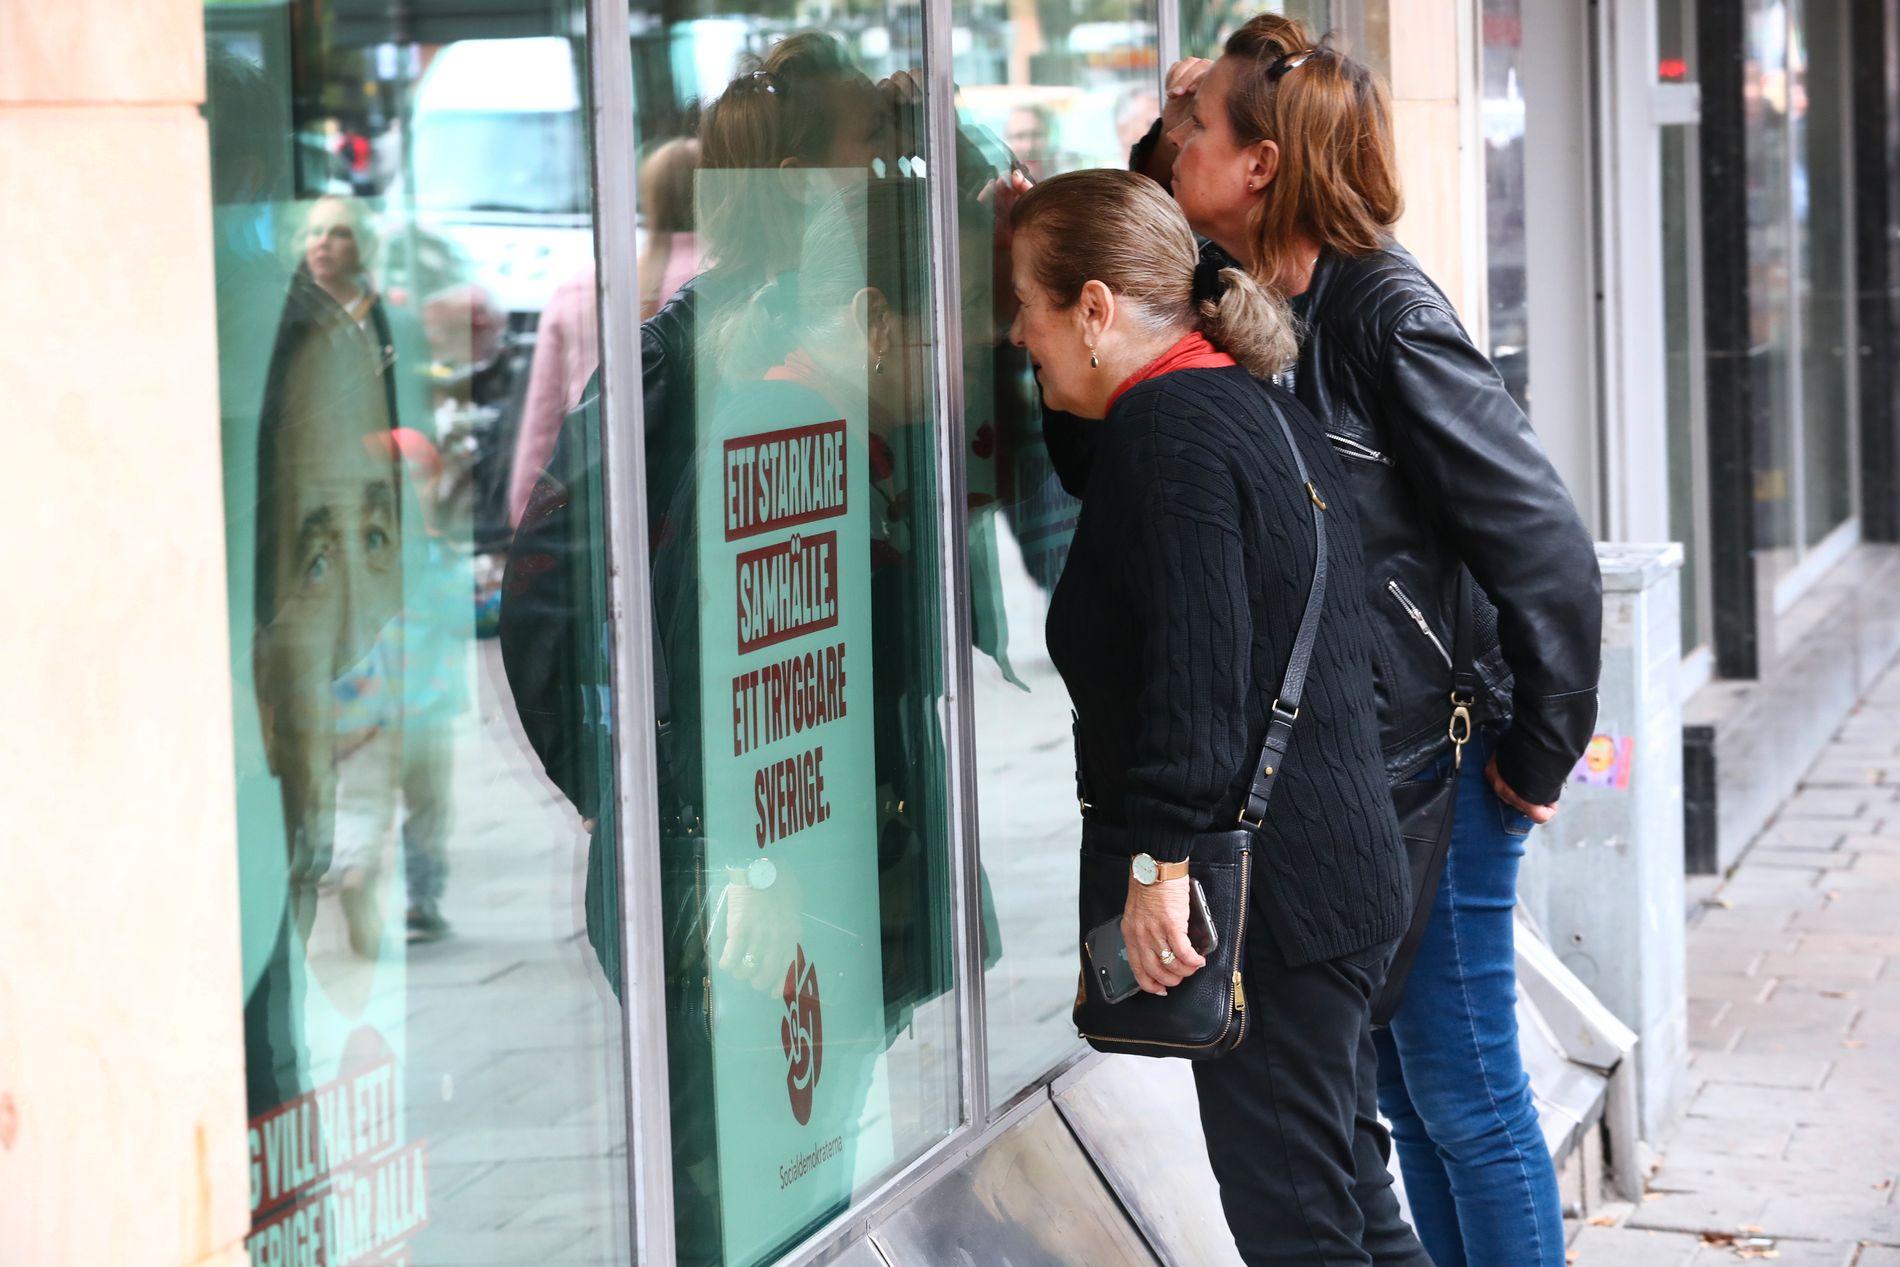 HVA SKJERA? Nysgjerrige velgere forsøkte å finne ut hva som skjedde inne på Socialdemokraternas partikontor i Stockholm mandag ettermiddag.